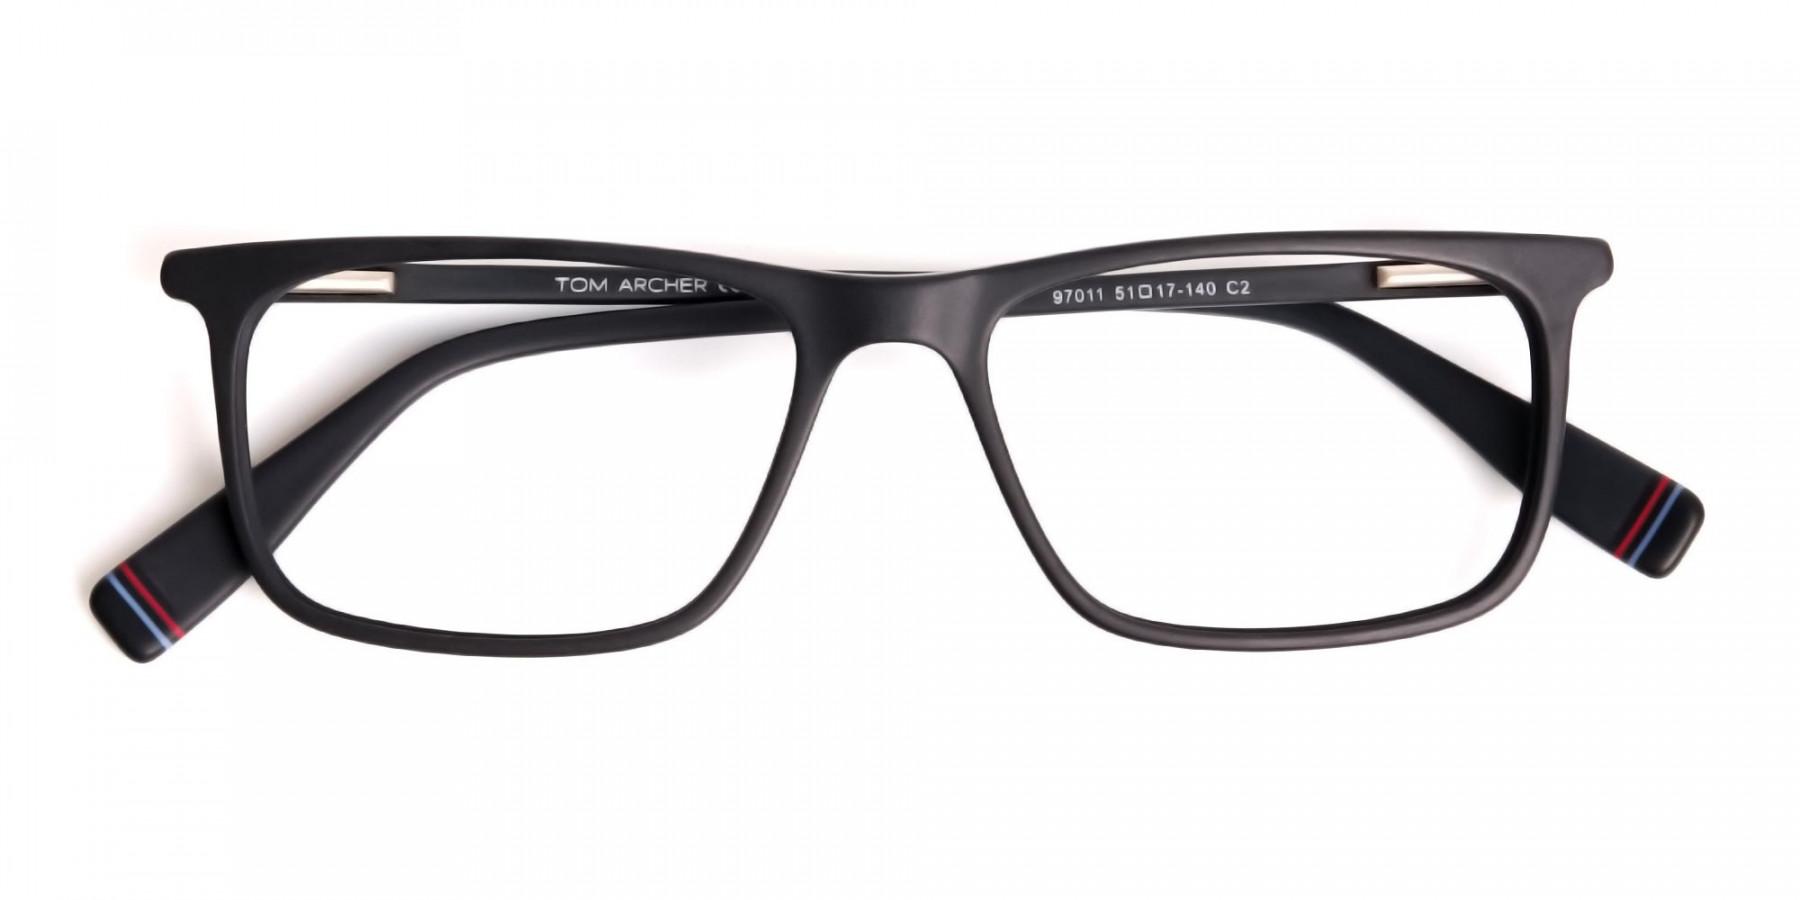 matte-black-glasses-rectangular-shape-frames-1